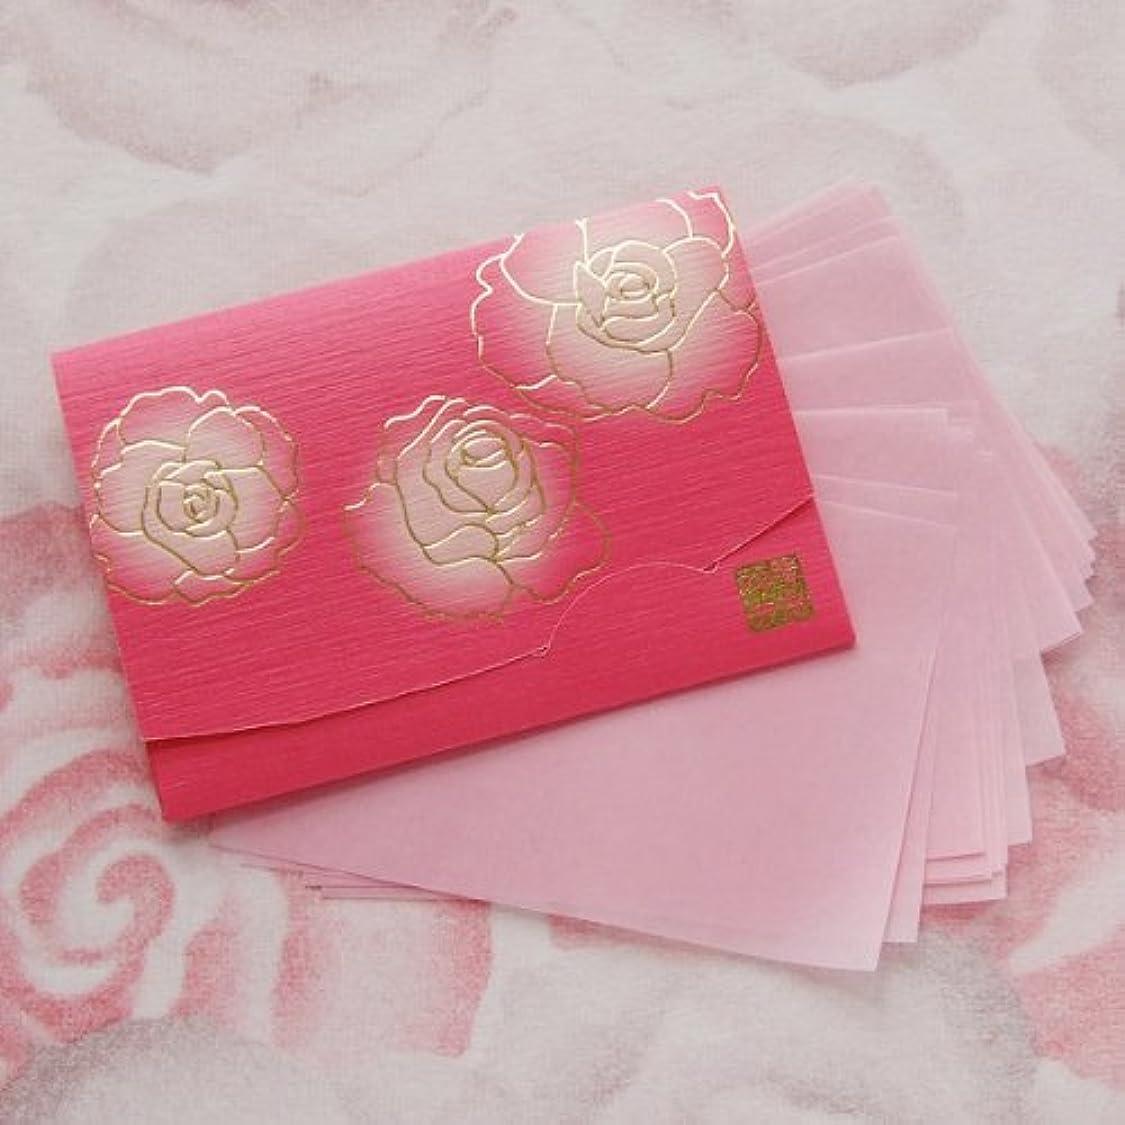 ジョブ理想的蒸発する鎌倉四葩のあぶらとり紙 ぼかし染め香りローズ 短冊サイズ 20枚入